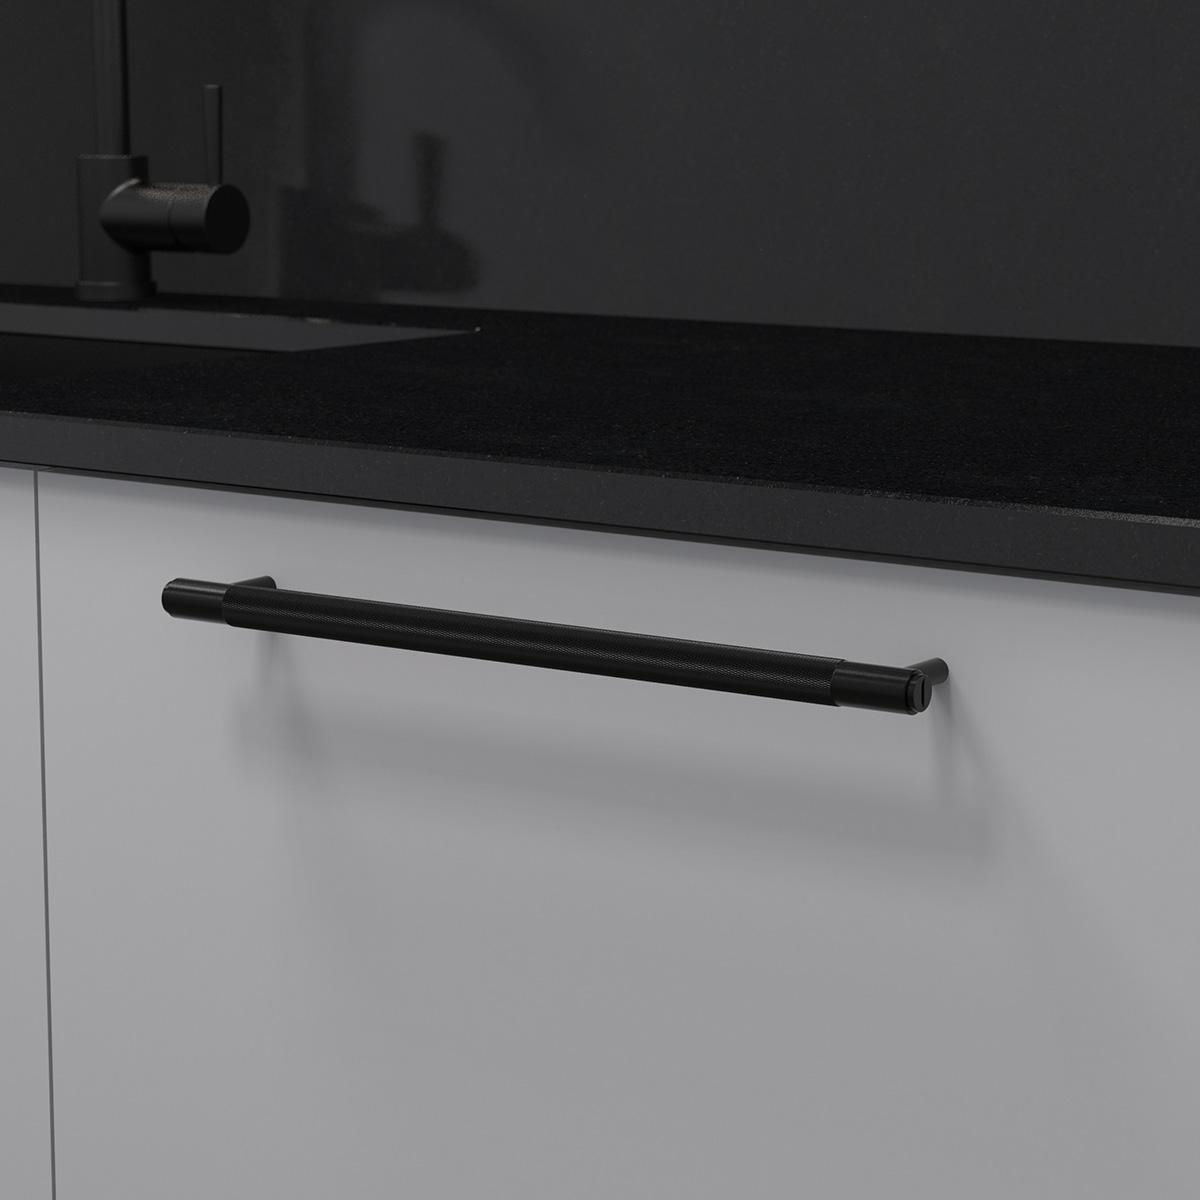 pull bar svart uk pb h 360 bl a cc 325 mm ncs s 3000 n granit svart